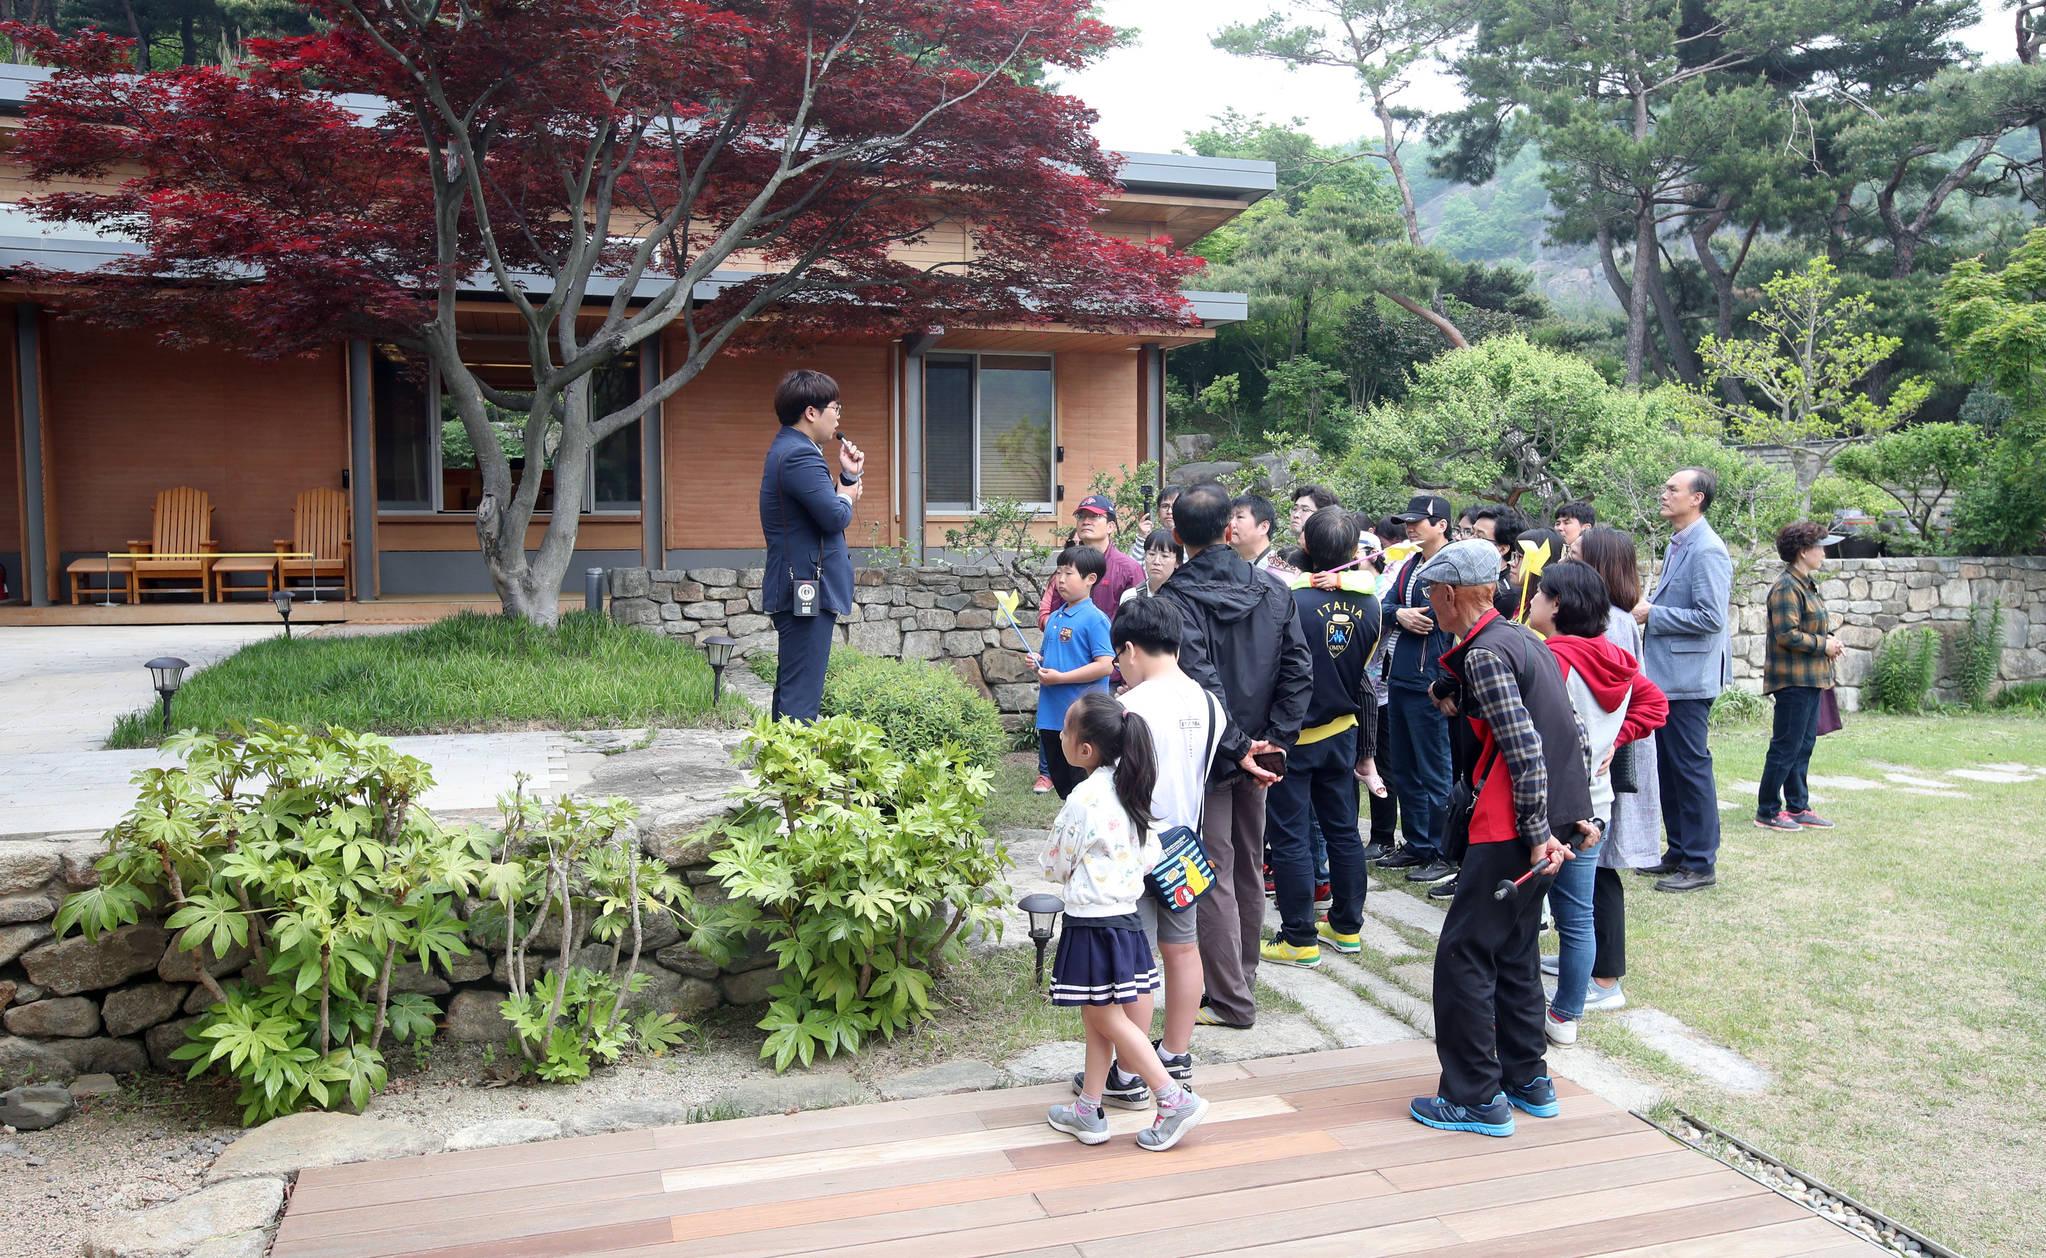 1일 공개된 김해시 진영읍 봉하마을 고 노무현 전 대통령 사저인 '대통령의 집'을 시민들이 방문했다. 송봉근 기자